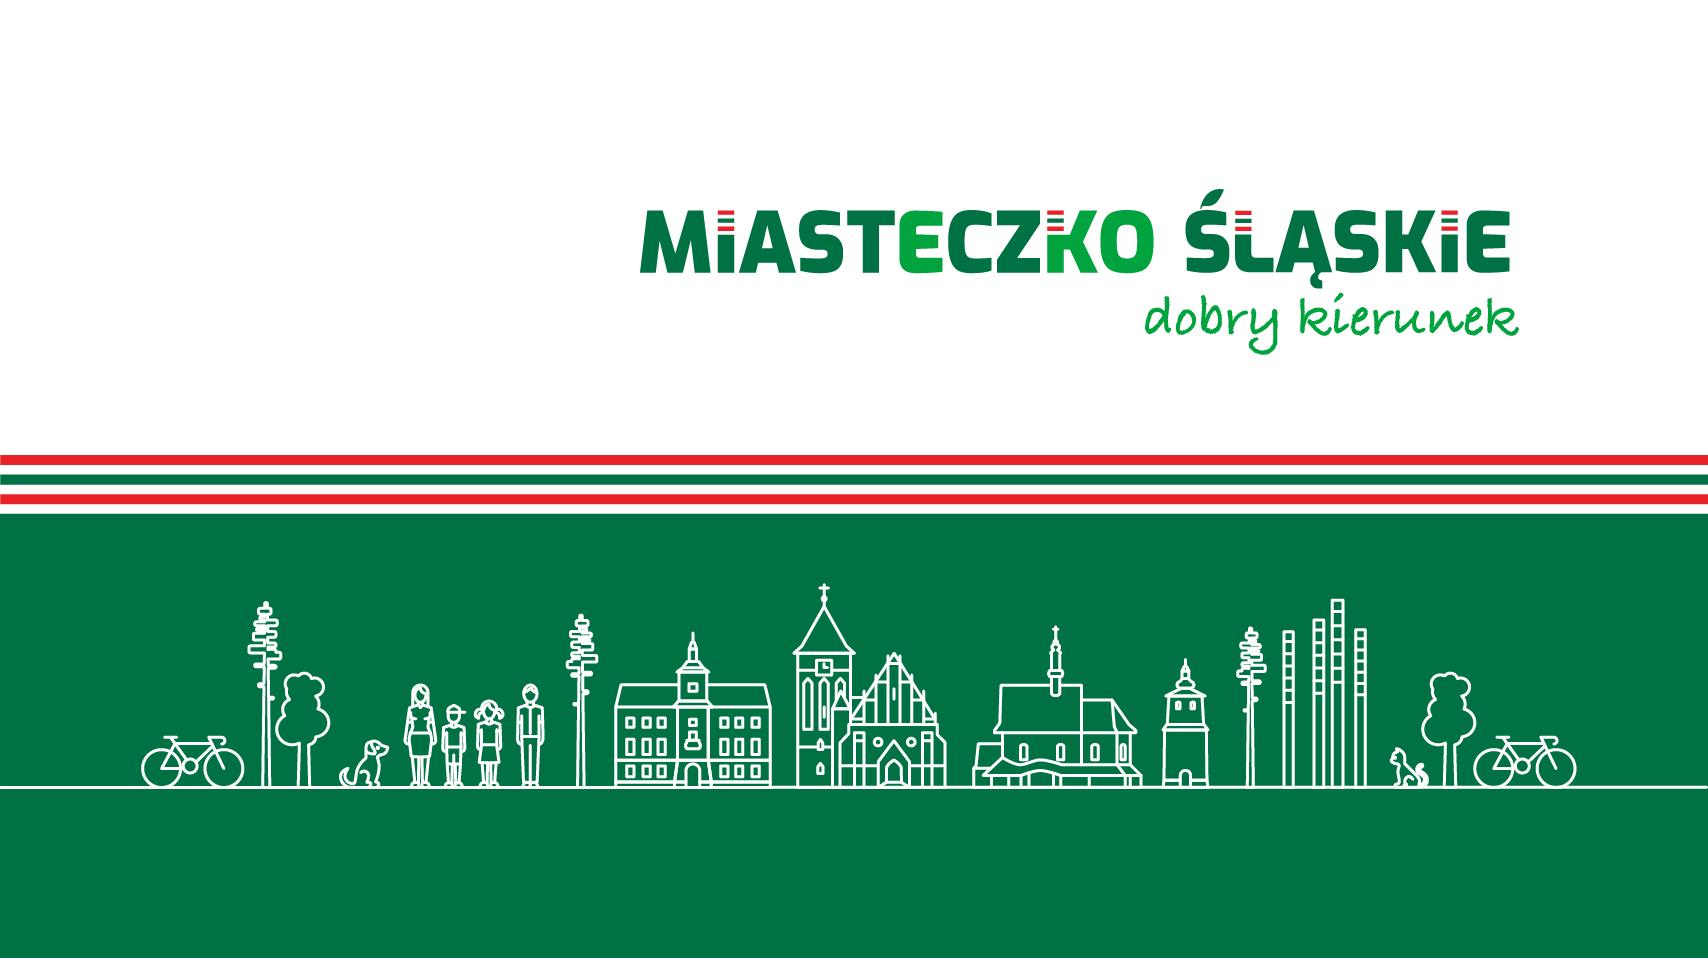 Zarządzenie nr 909/21 Burmistrza Miasta Miasteczko Śląskie